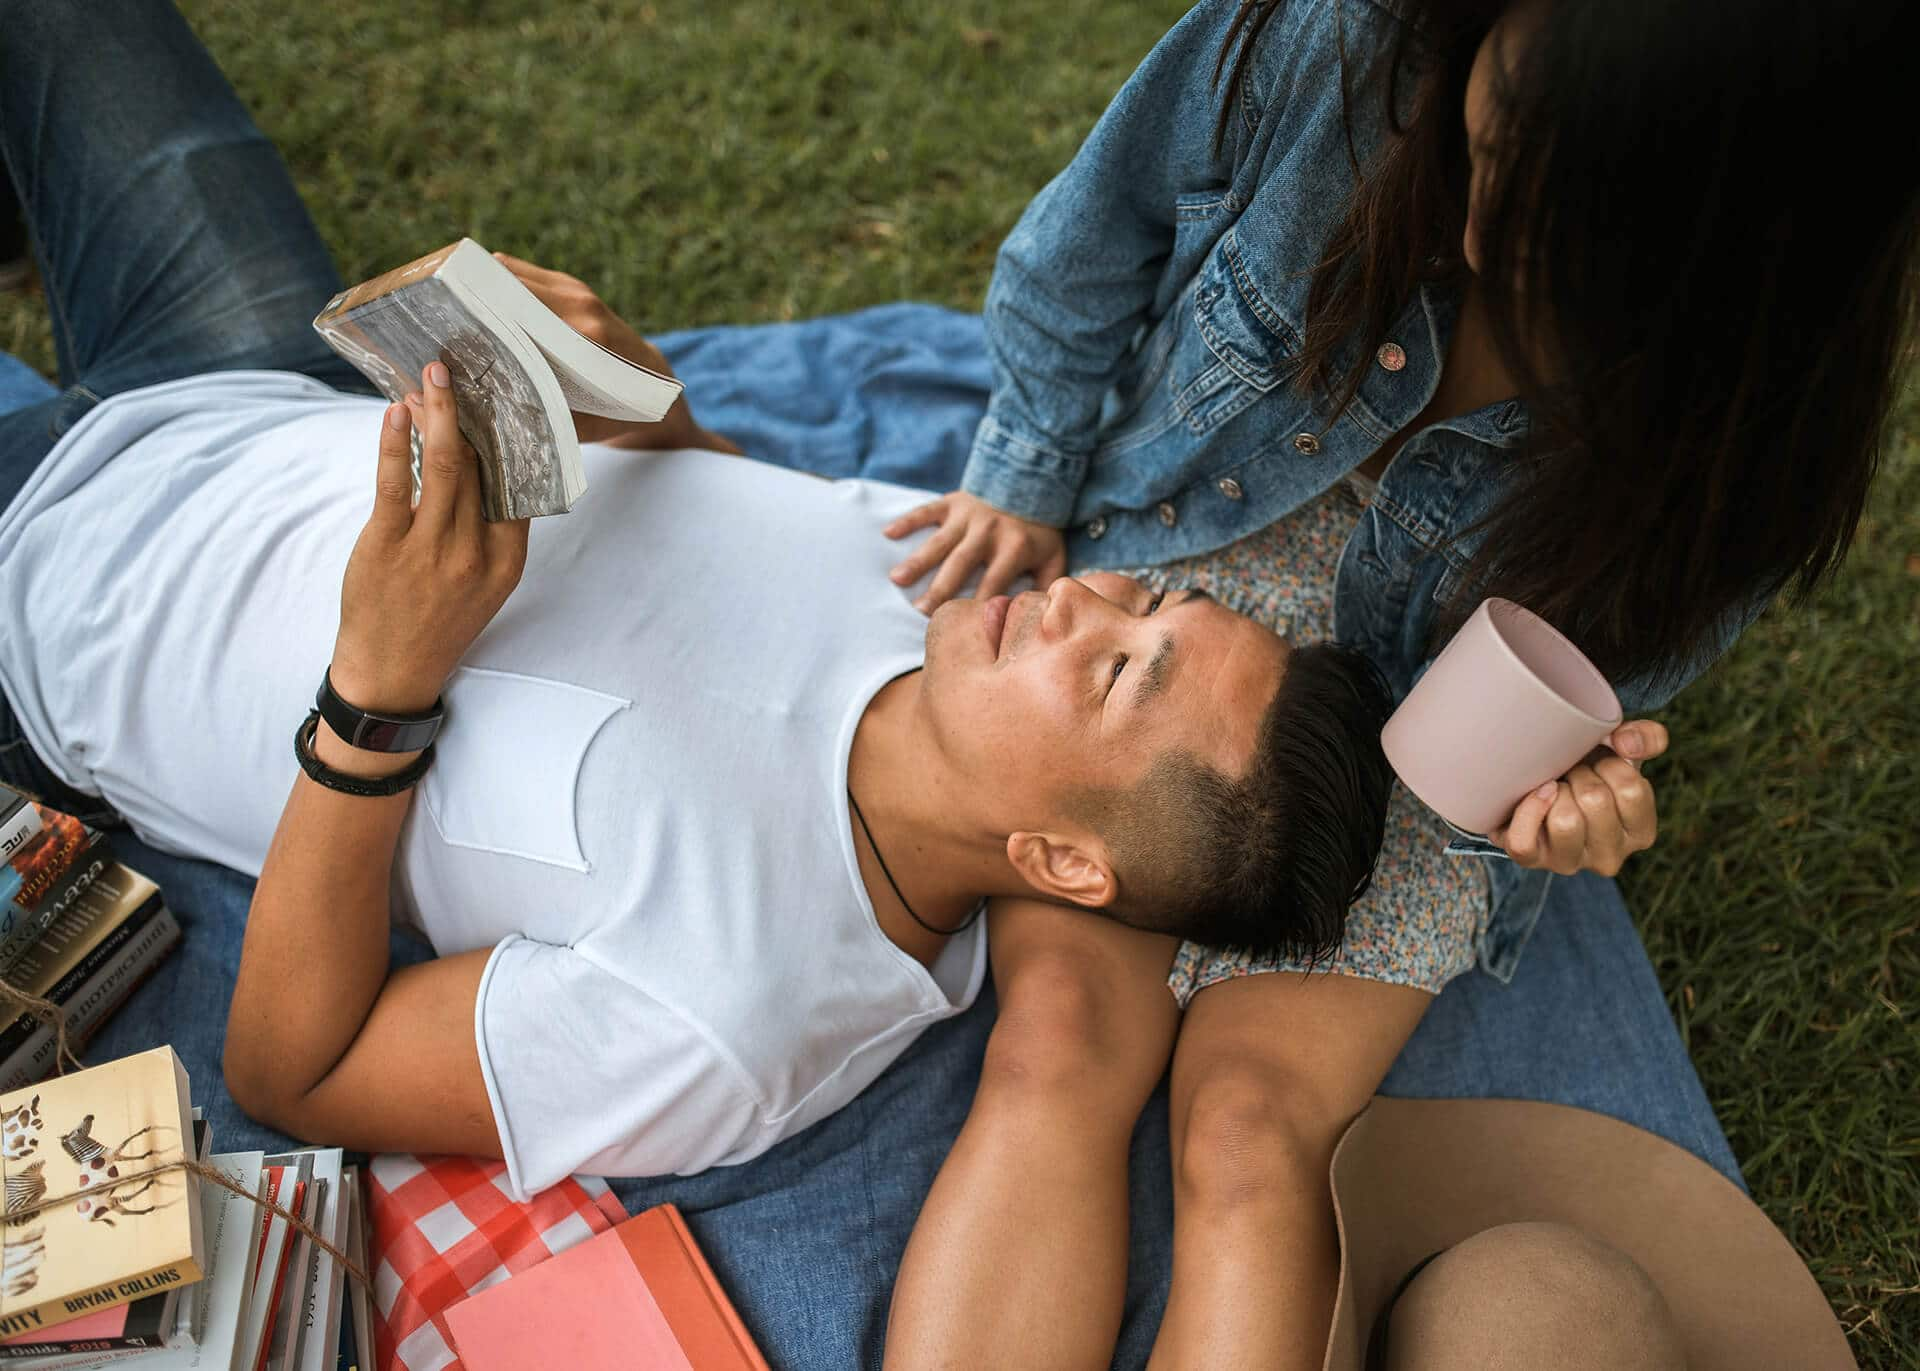 guy laying on girls lap